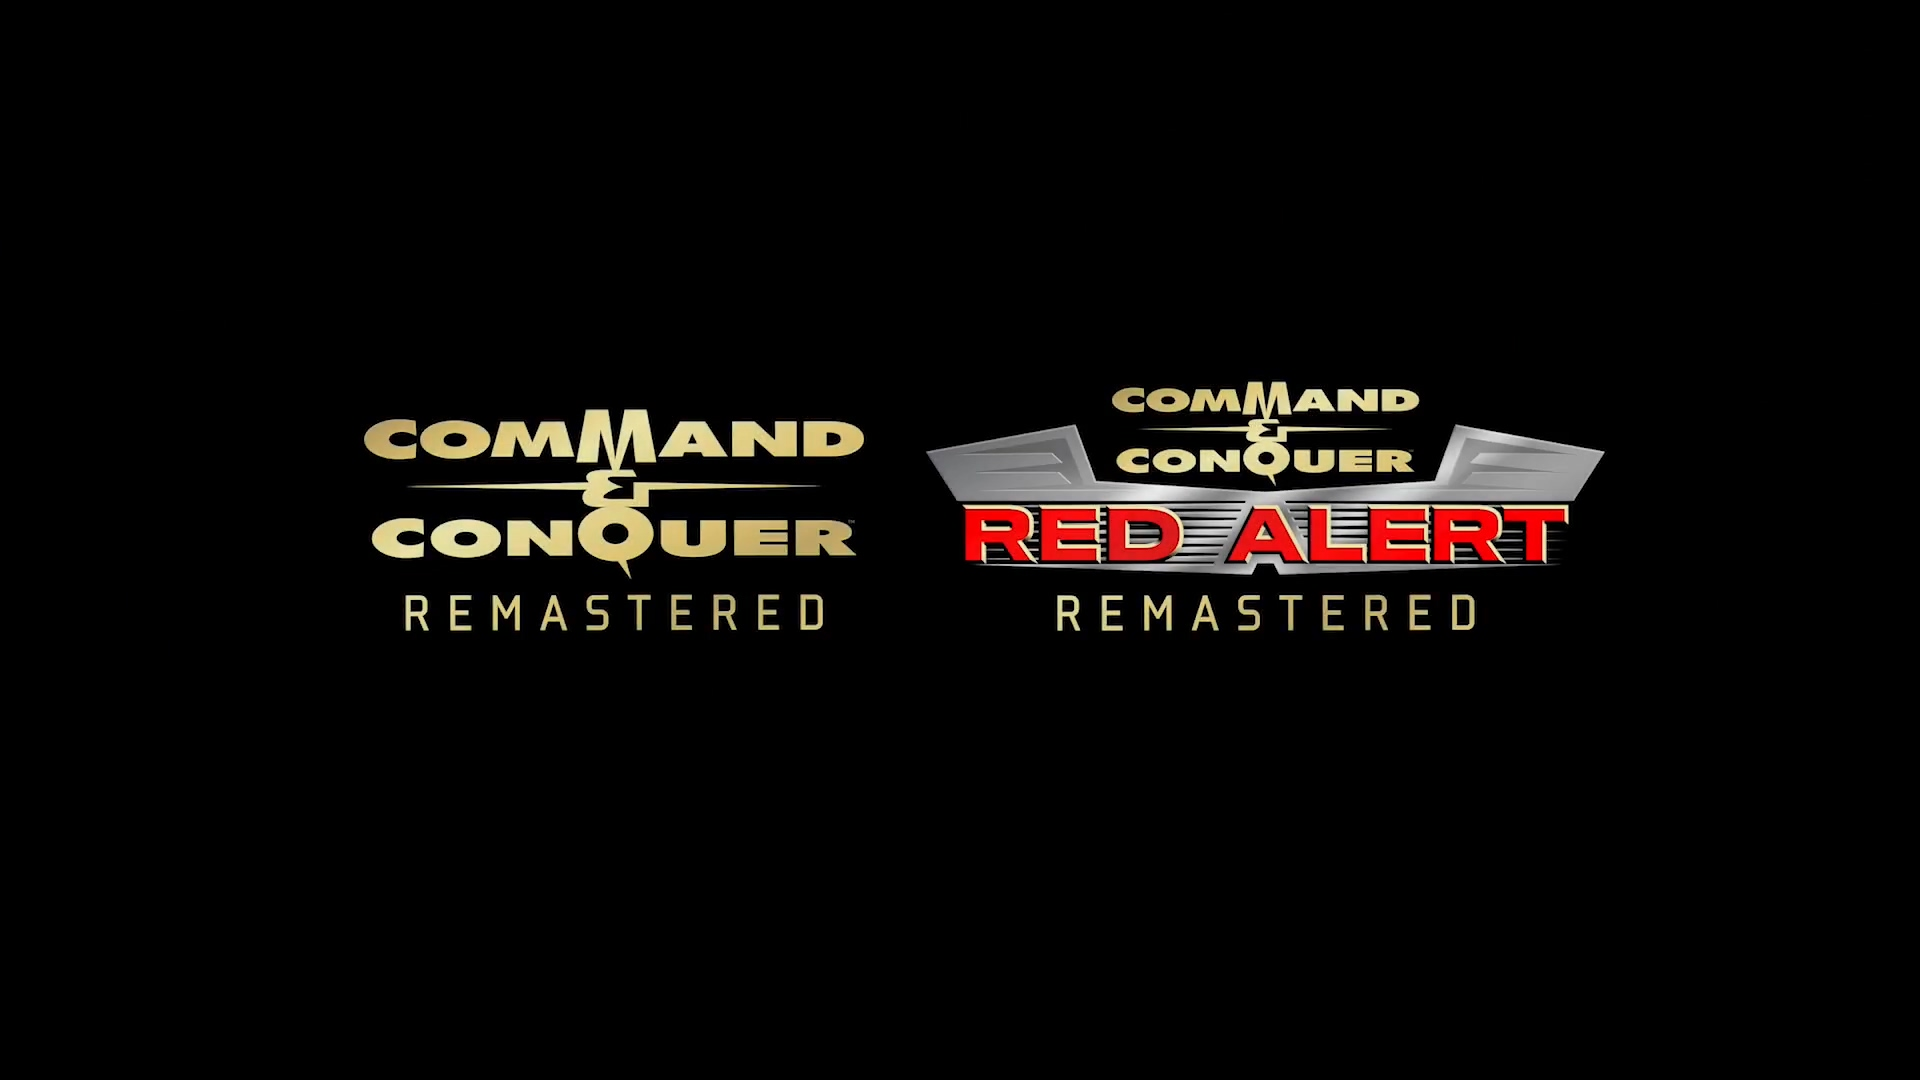 游戏新消息:C&C红警重制版是重制而非重做保持原汁原味